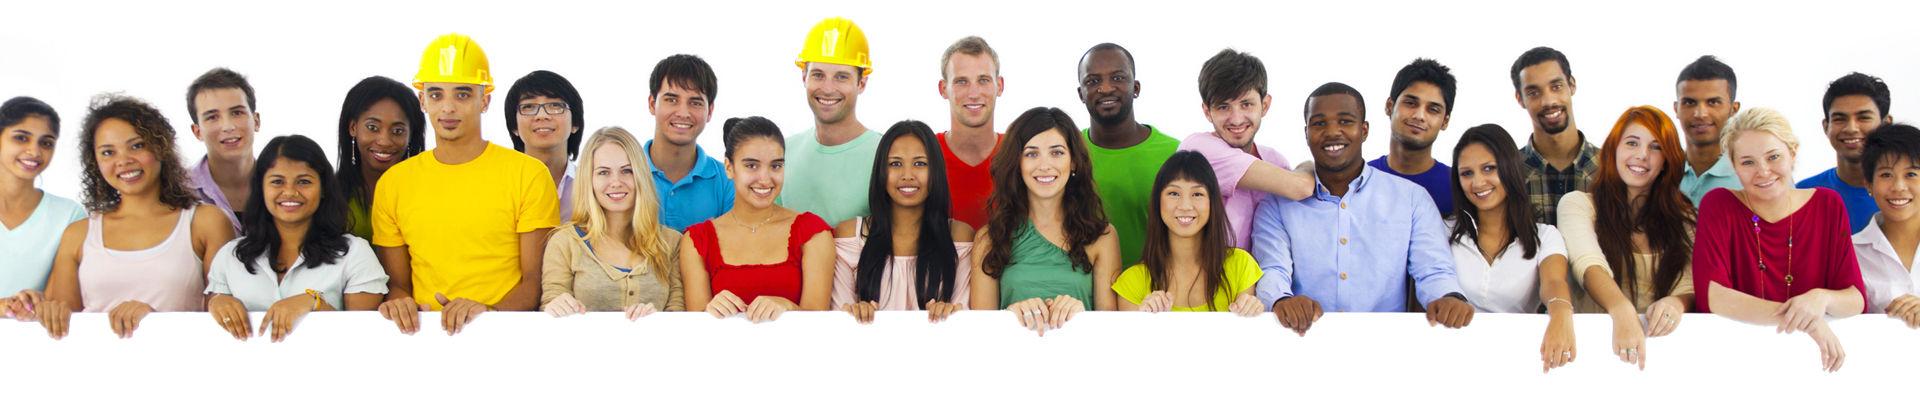 Xây dựng mạng cộng đồng bằng Joomla với Phân hệ xây dựng cộng đồng (Community Builder)